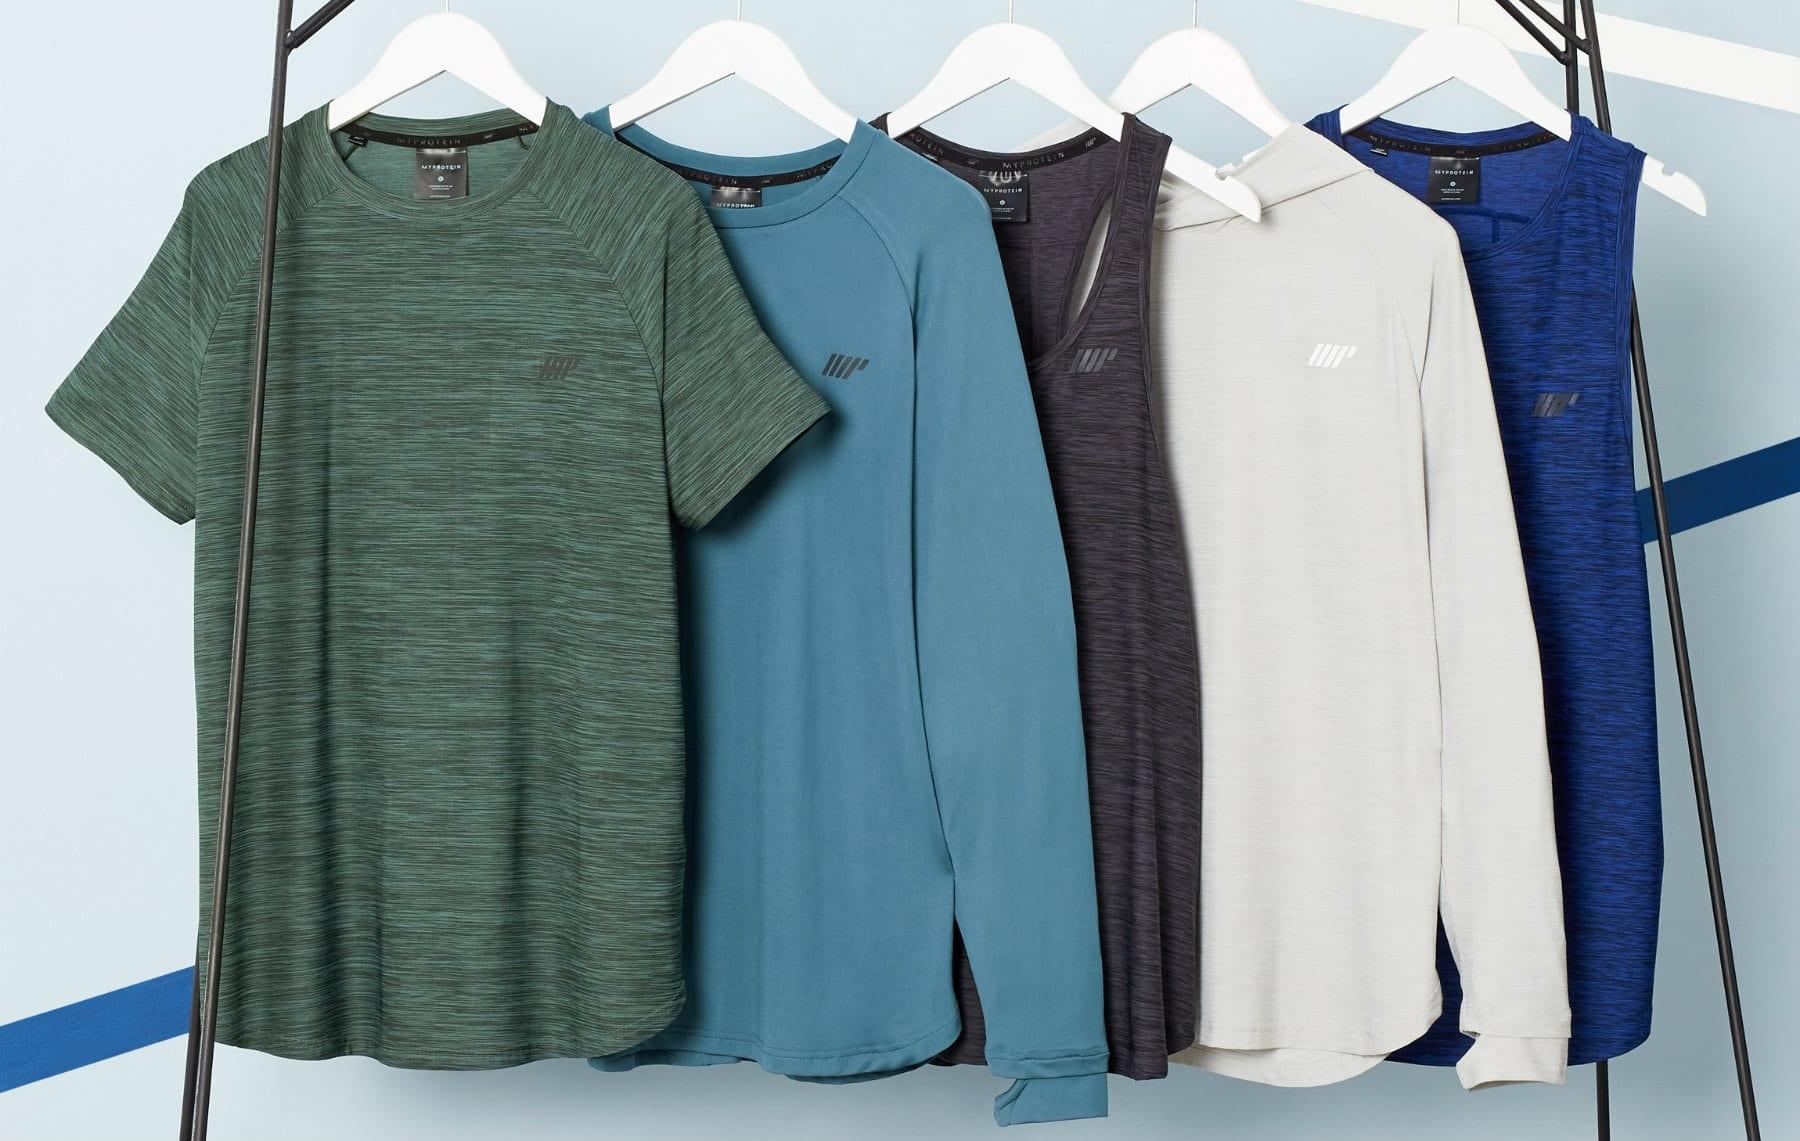 La mejor ropa deportiva para completar tu look de invierno